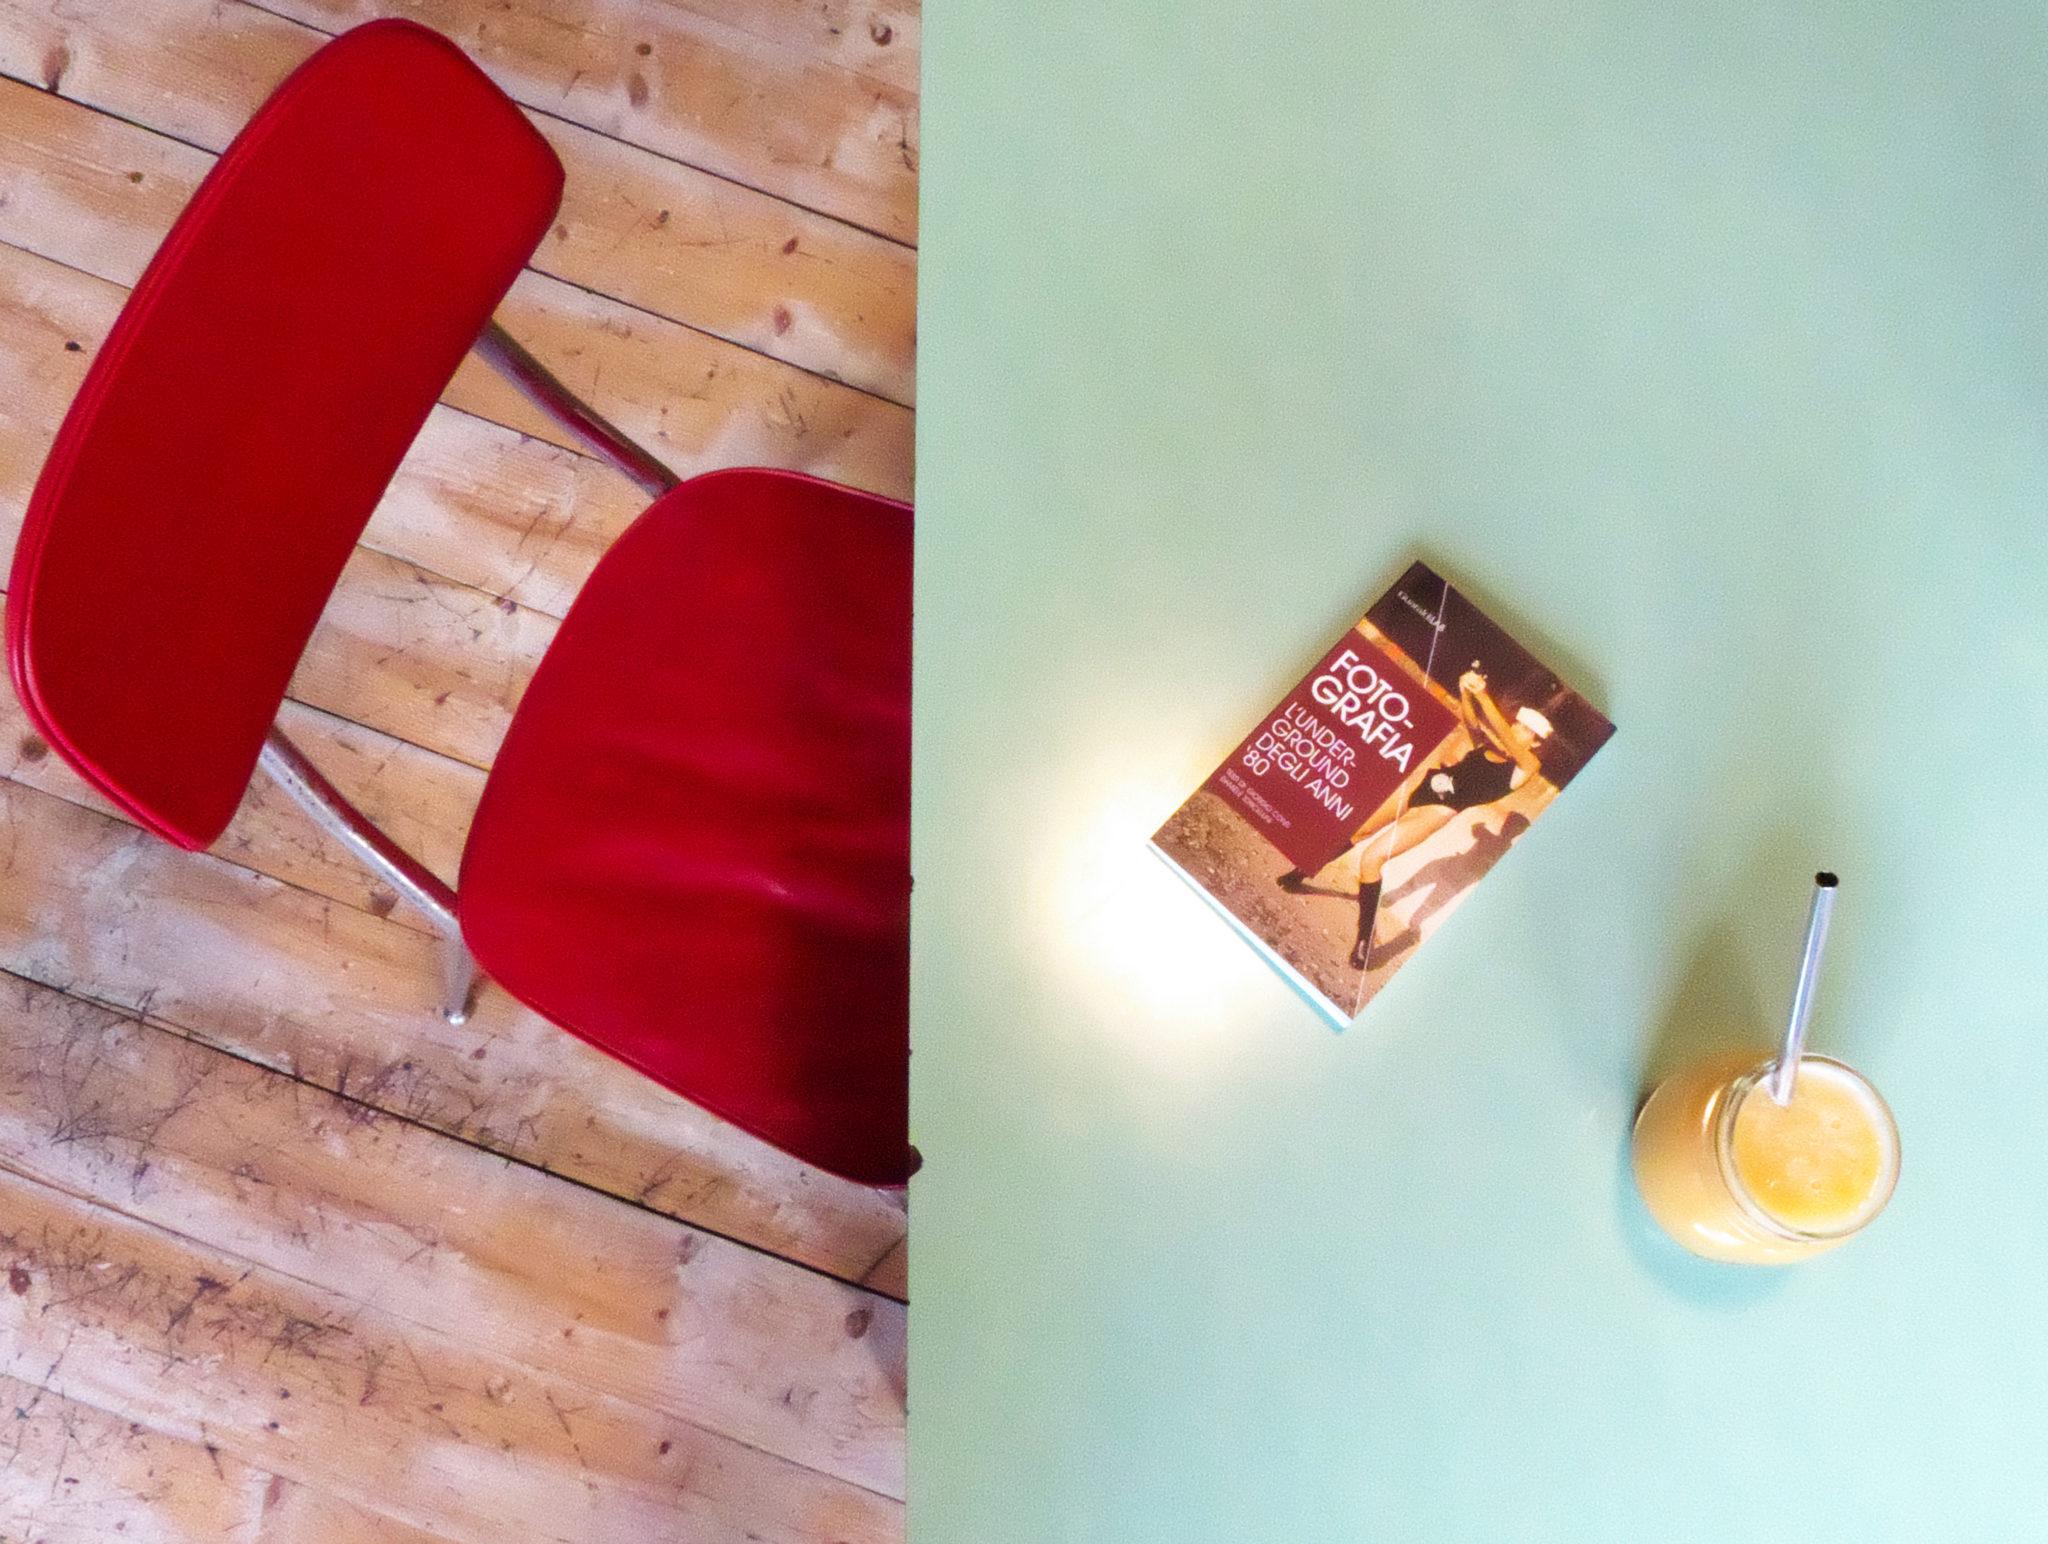 Una caffetteria accogliente ed eclettica, per chi cerca una pausa dallo stress della quotidianità, coccolandosi di dolcezza in compagnia di un buon libro